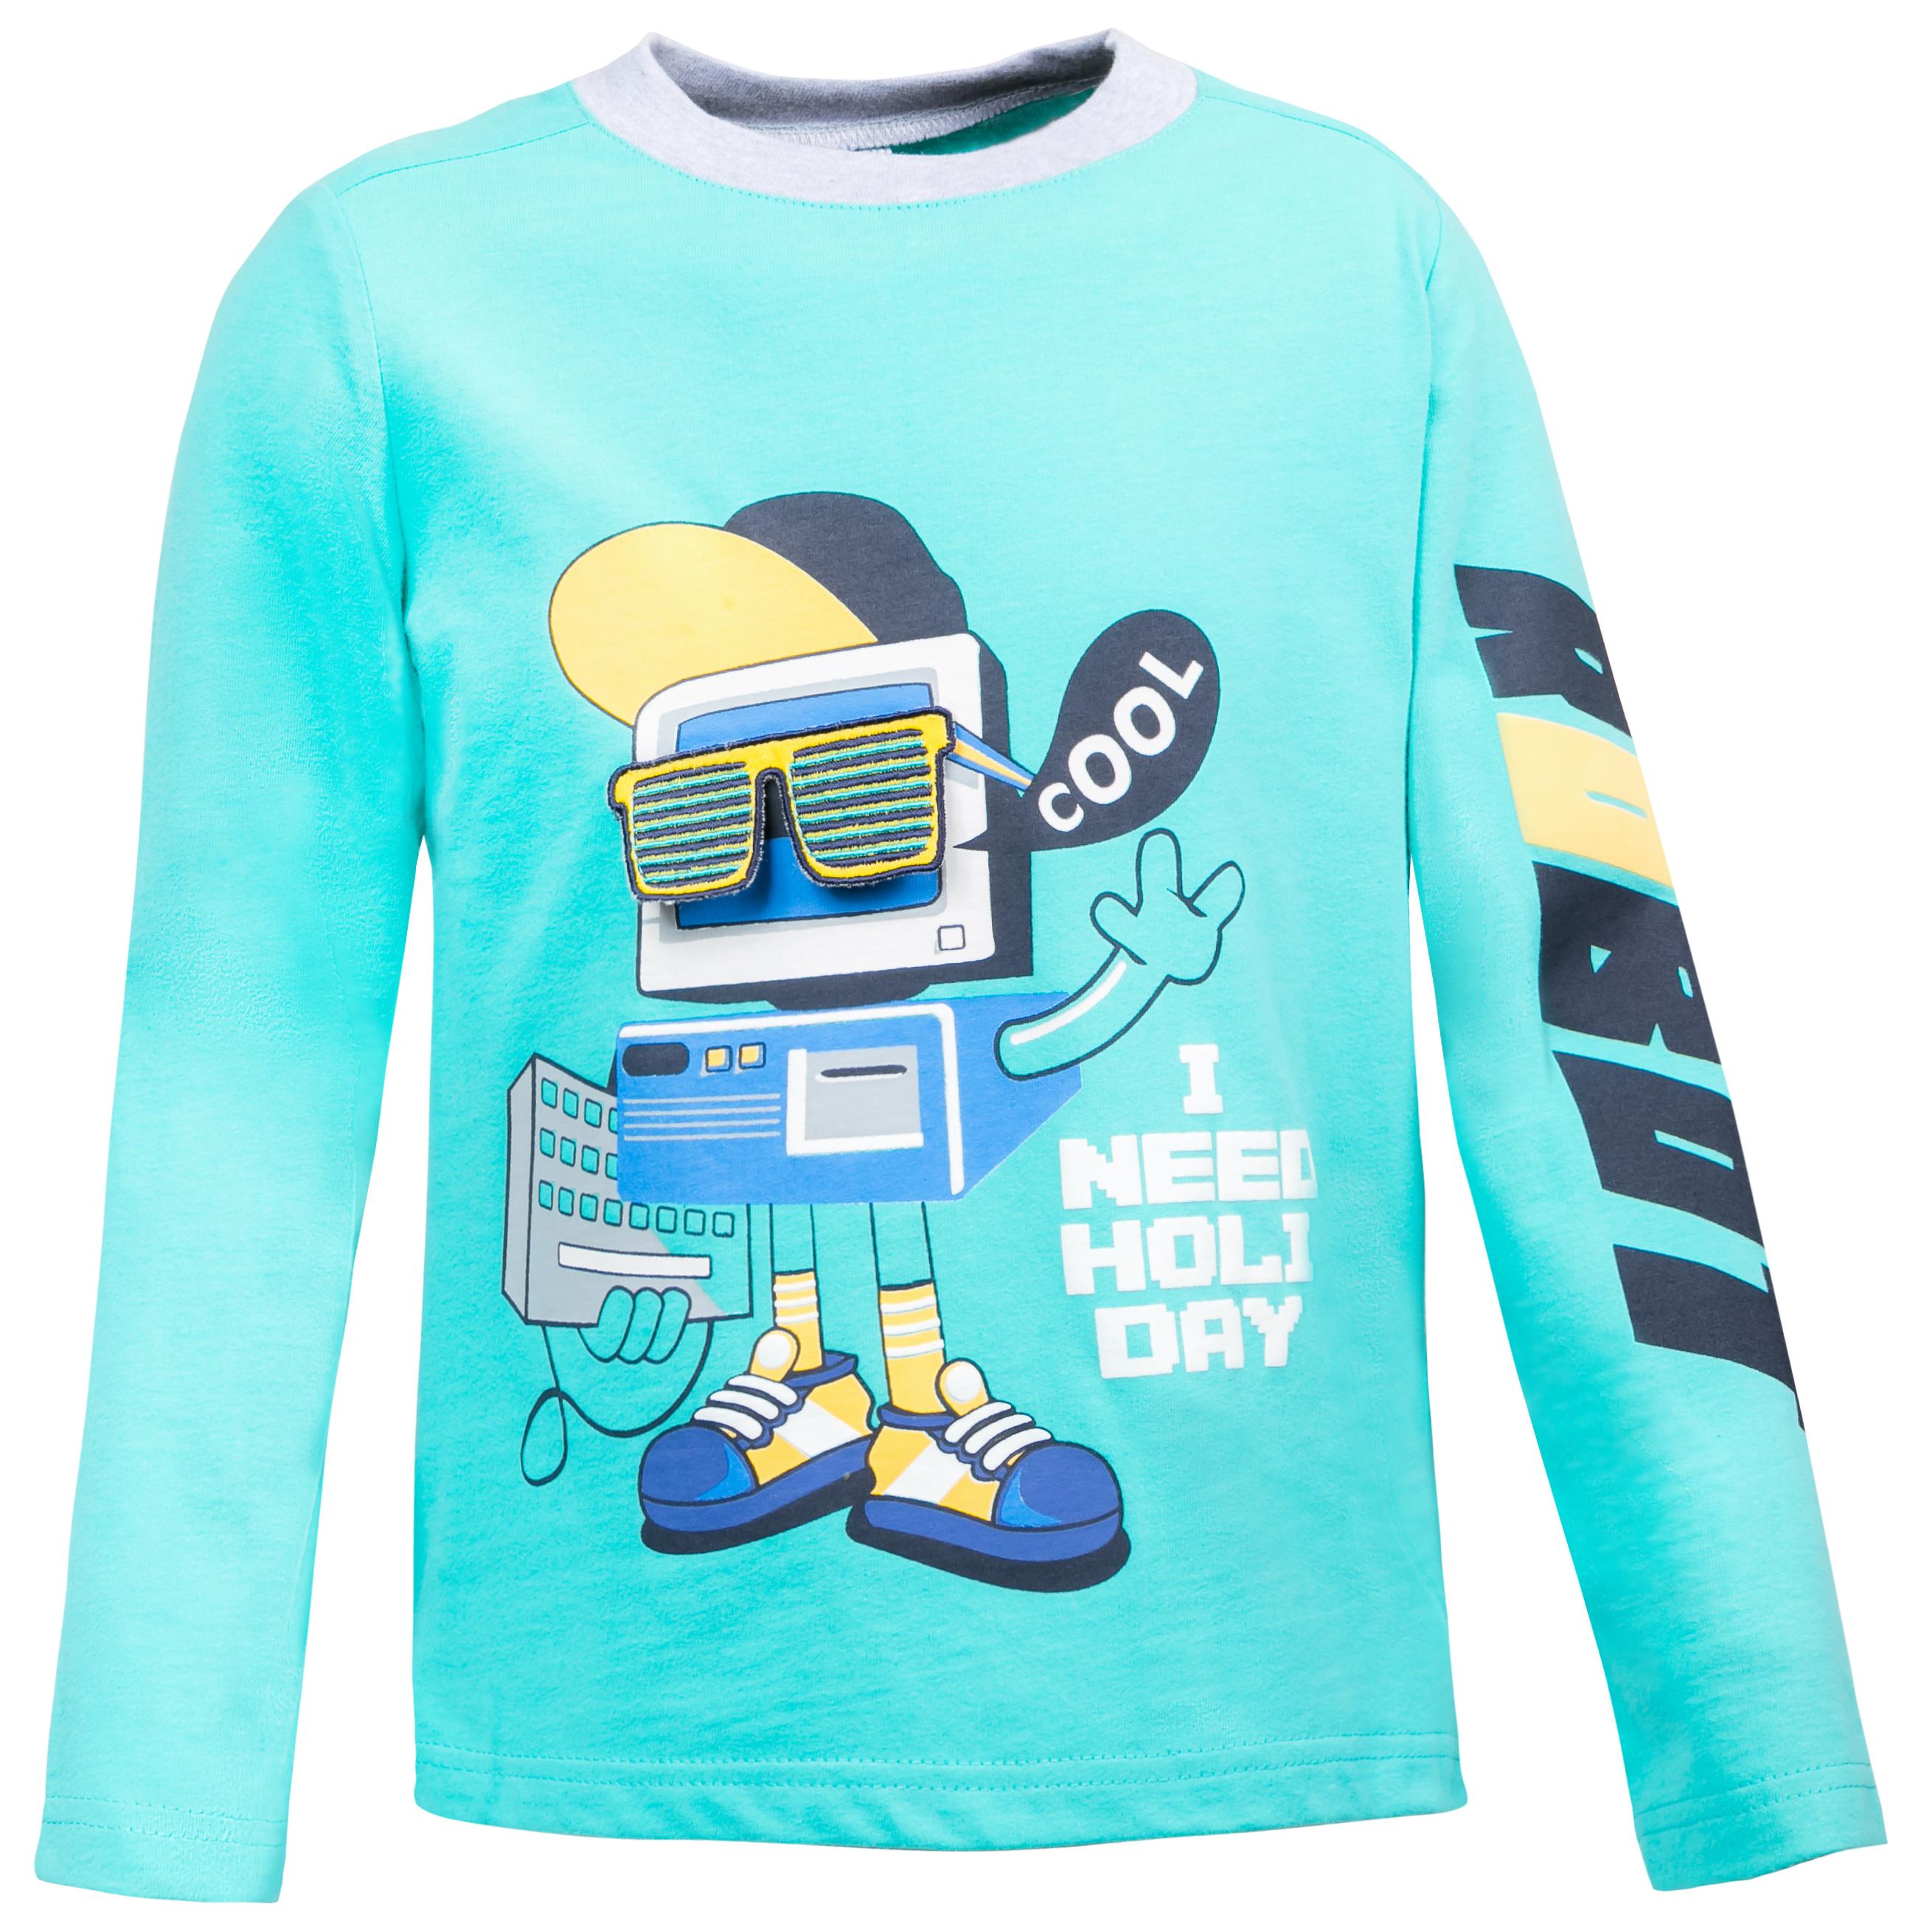 """Купить со скидкой Футболка с длинным рукавом для мальчика Barkito """"Корпорация роботов"""", голубая"""